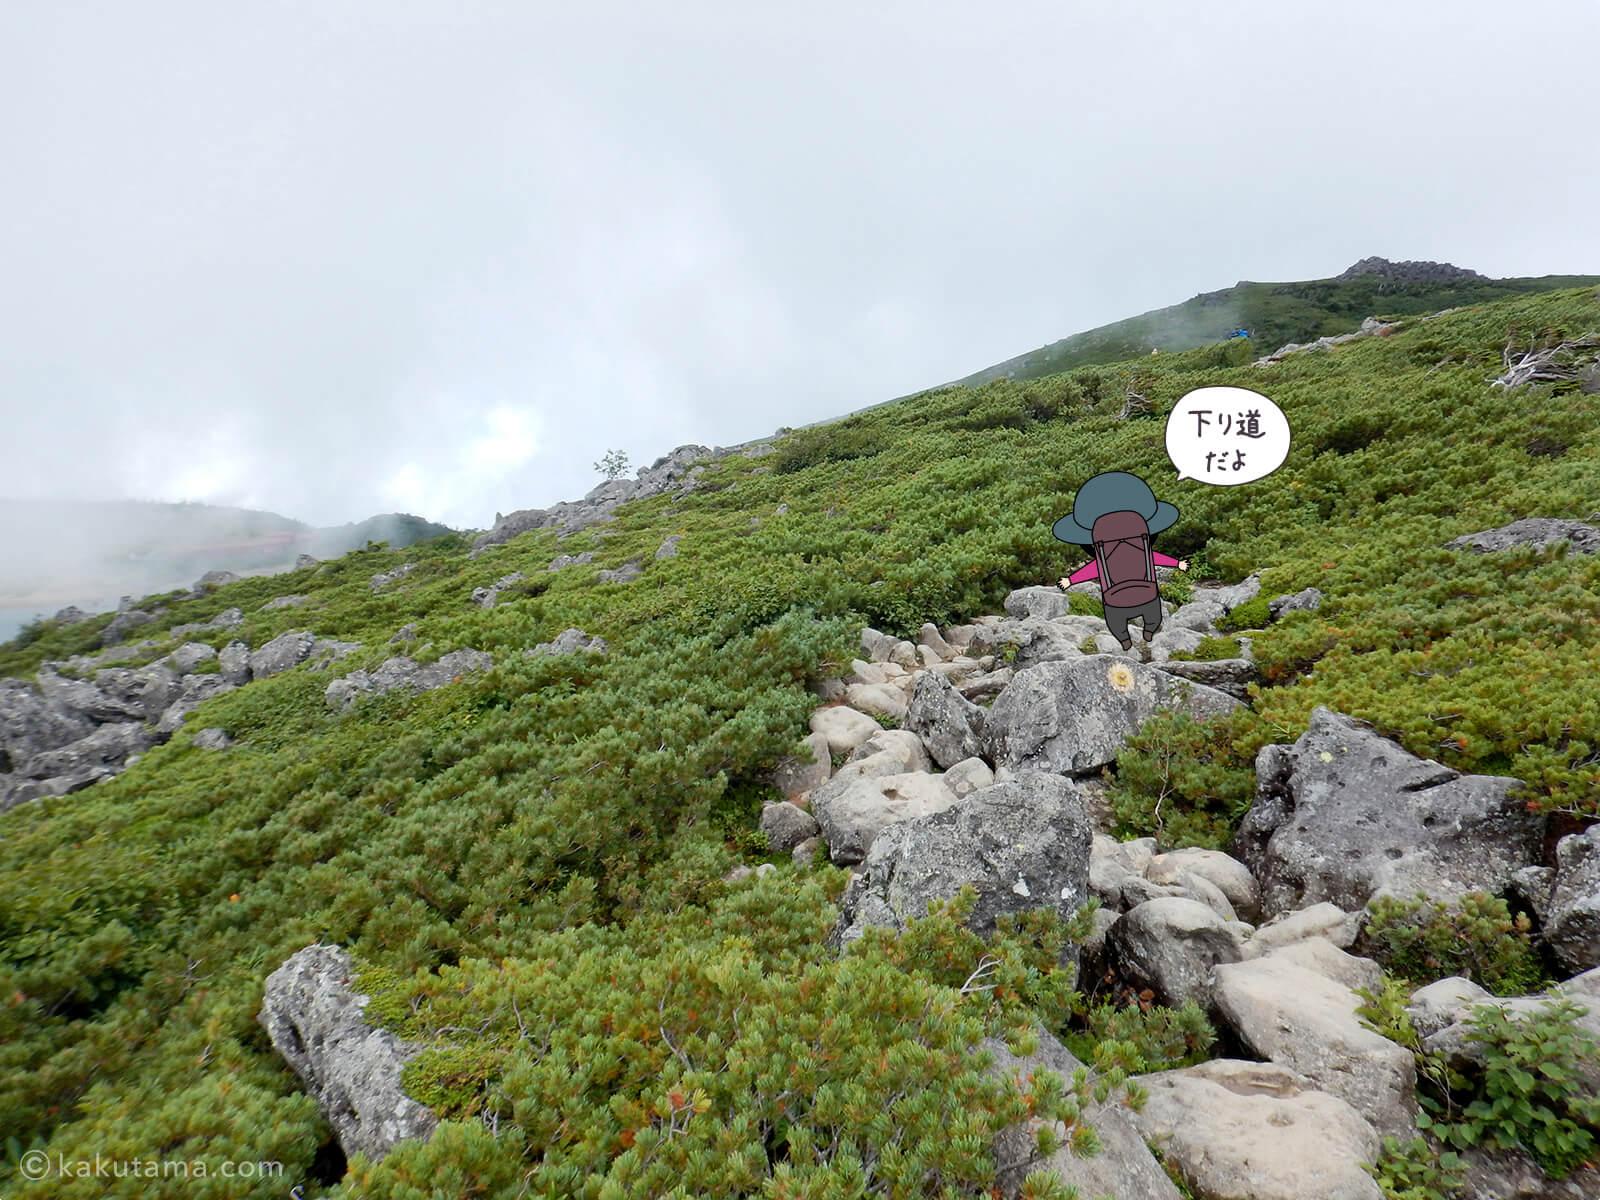 白馬乗鞍岳から白馬大池山荘へは下り道2